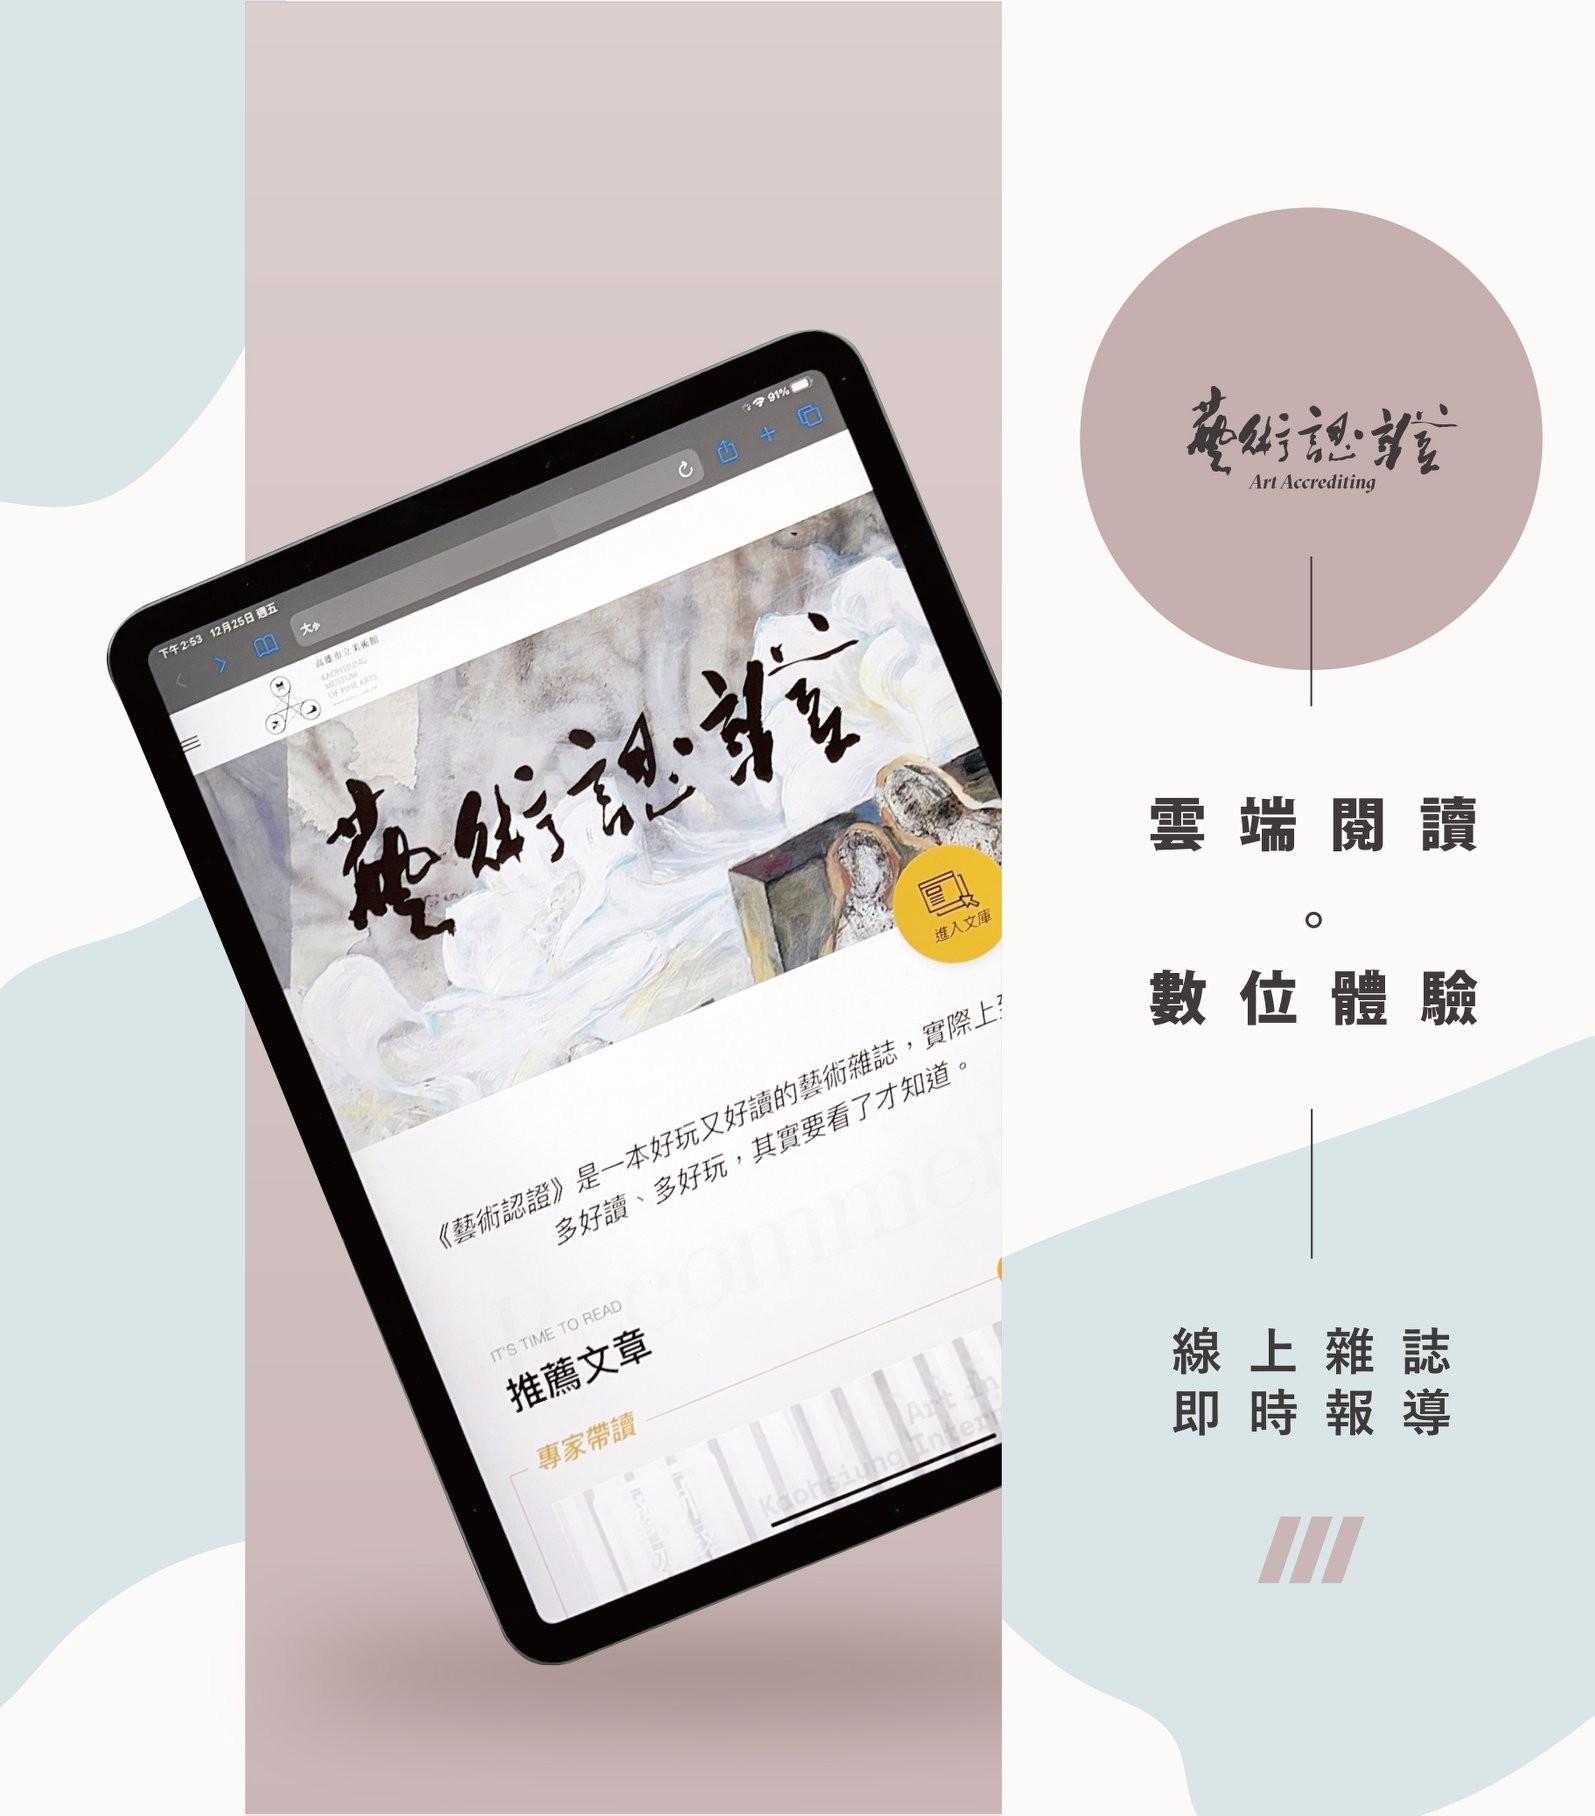 高雄市立美術館:即日起~【藝術認證網站】上線